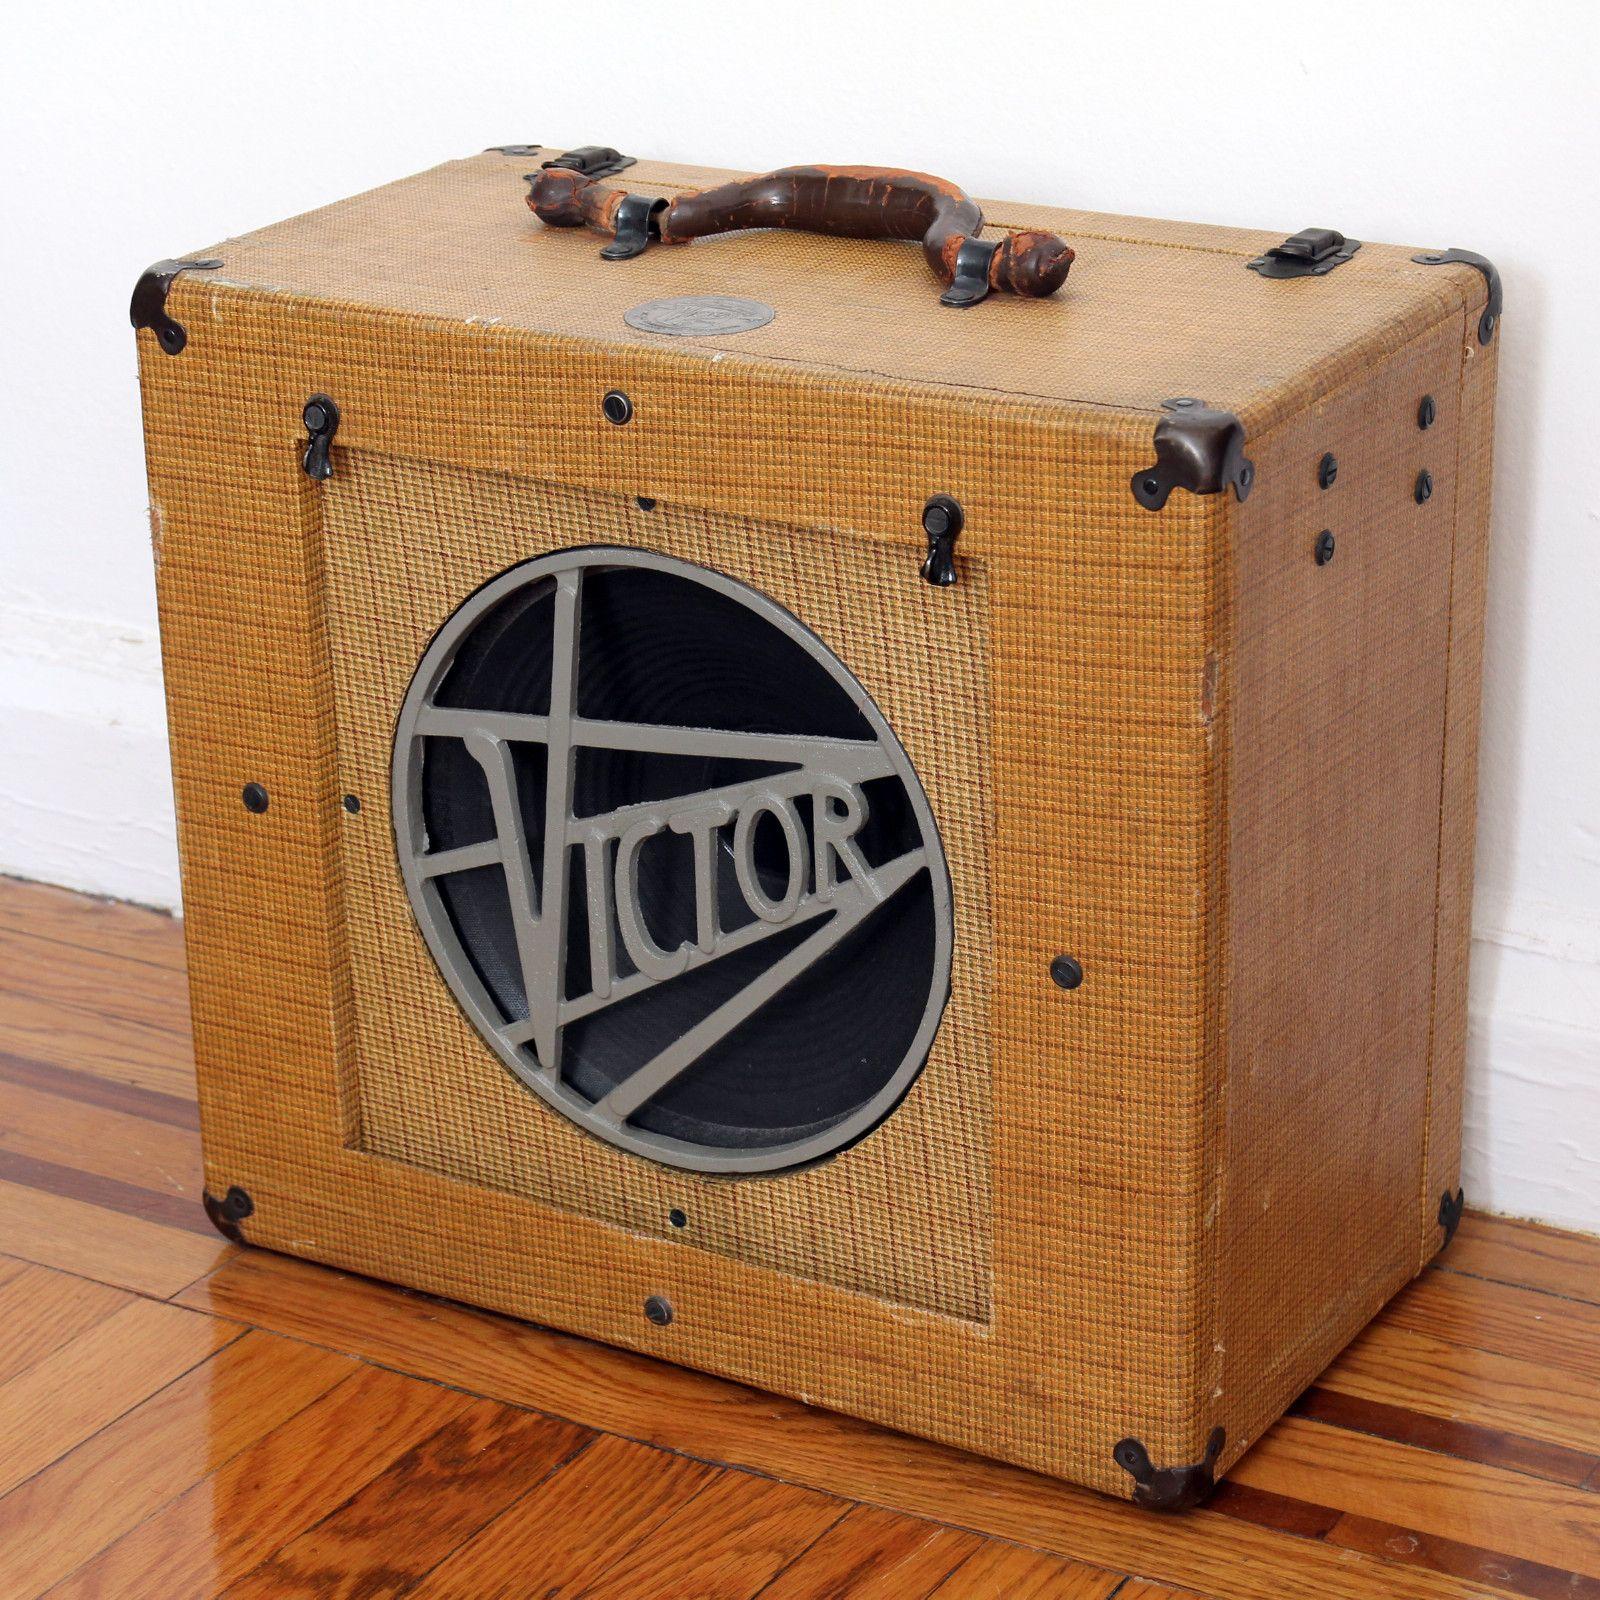 antique vintage tweed victor speaker cabinet amps and pedals guitar amp vintage guitars. Black Bedroom Furniture Sets. Home Design Ideas